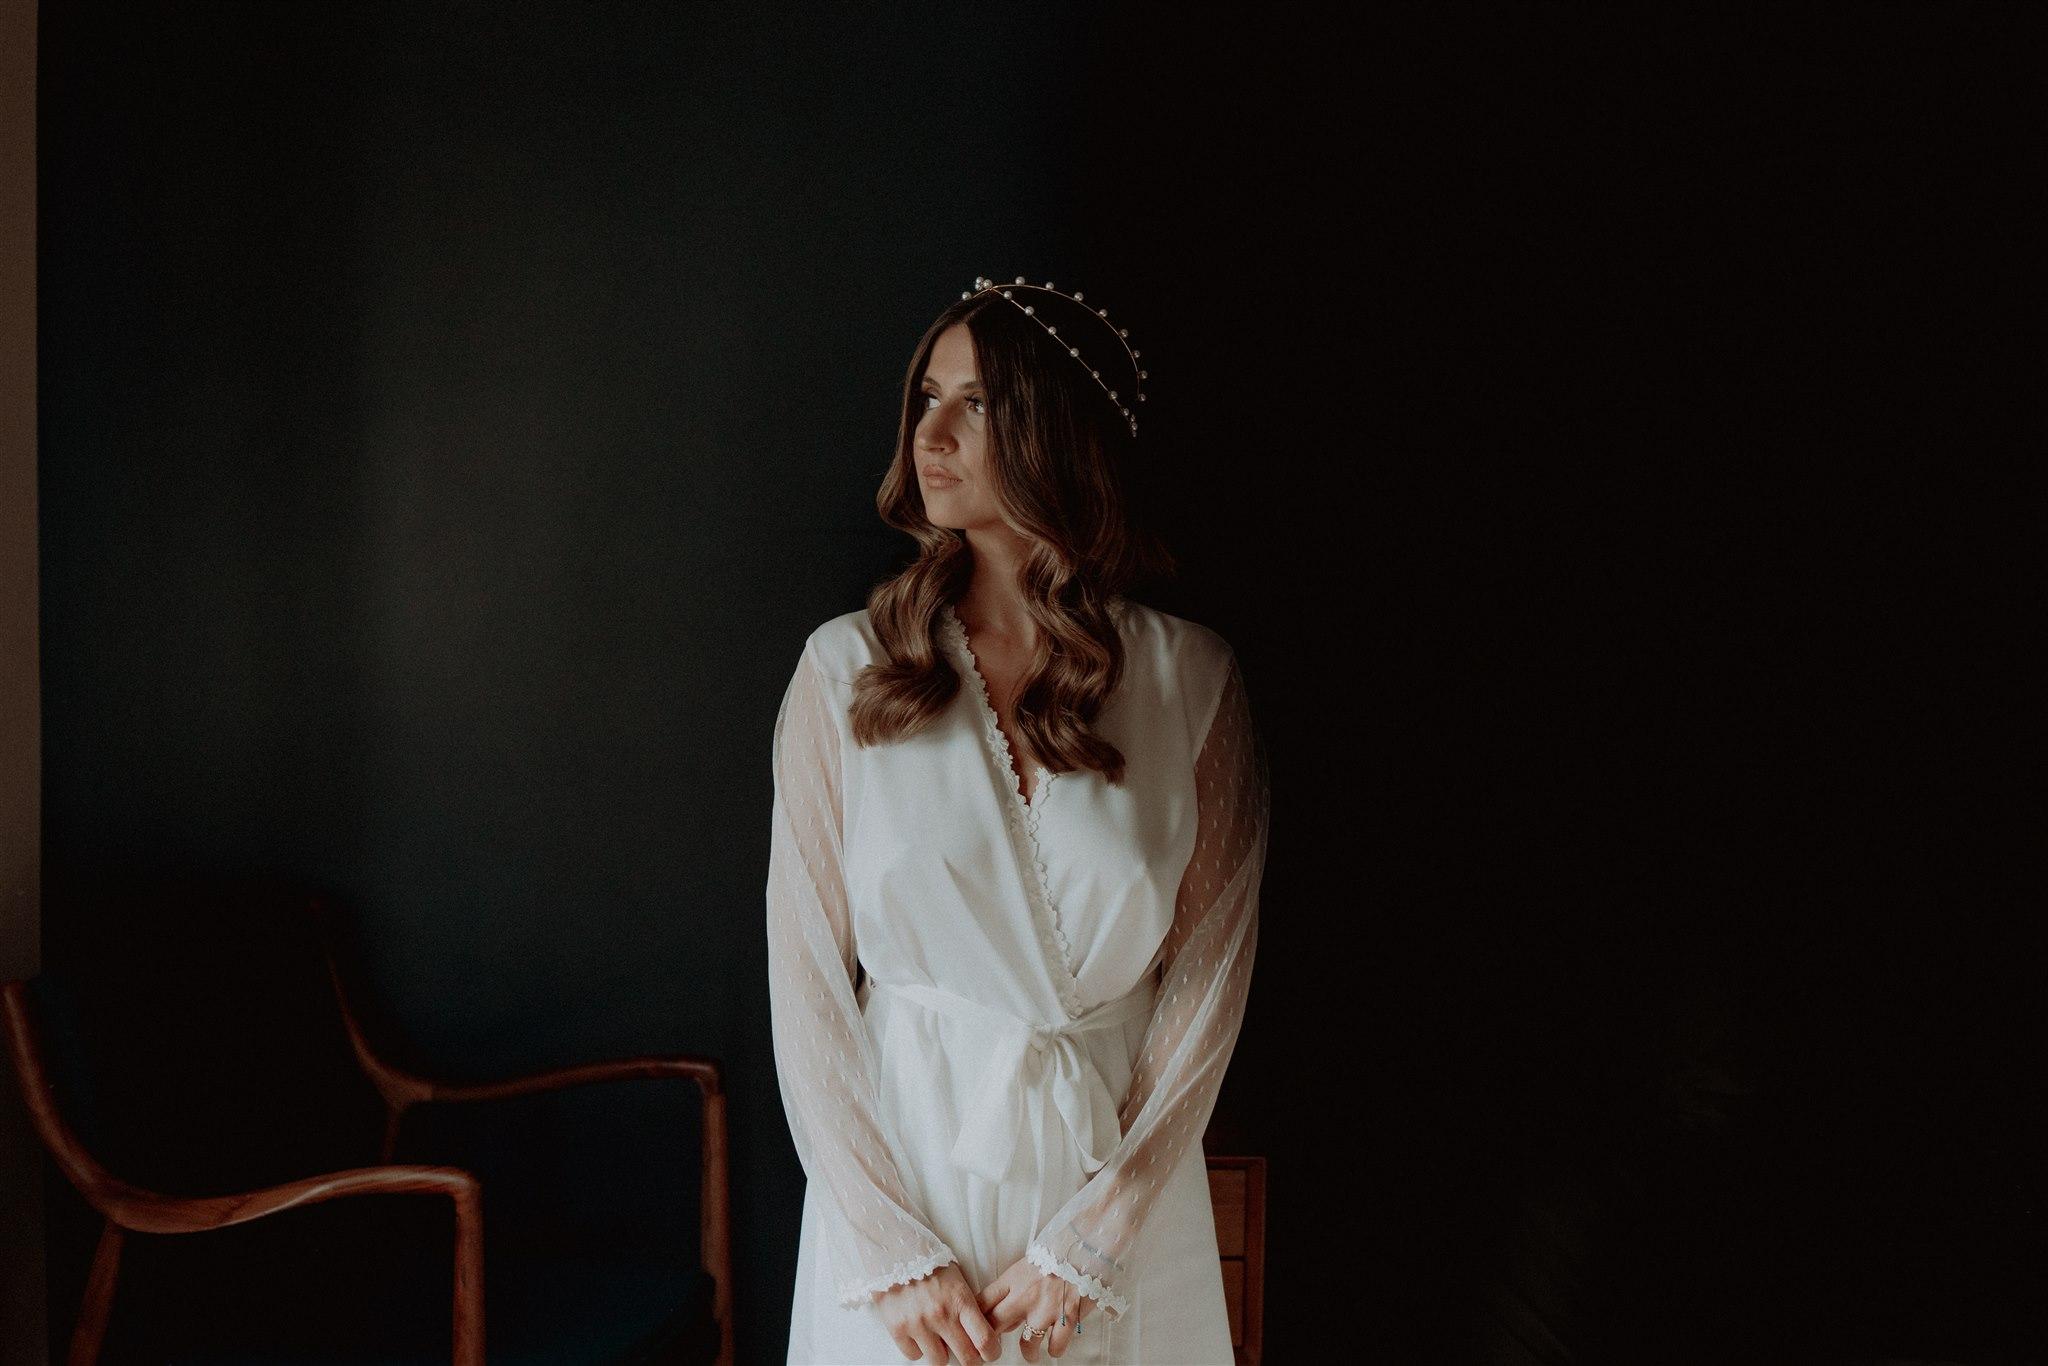 Chellise_Michael_Photography_Ramona_Brooklyn_Wedding_Photographer-289.jpg